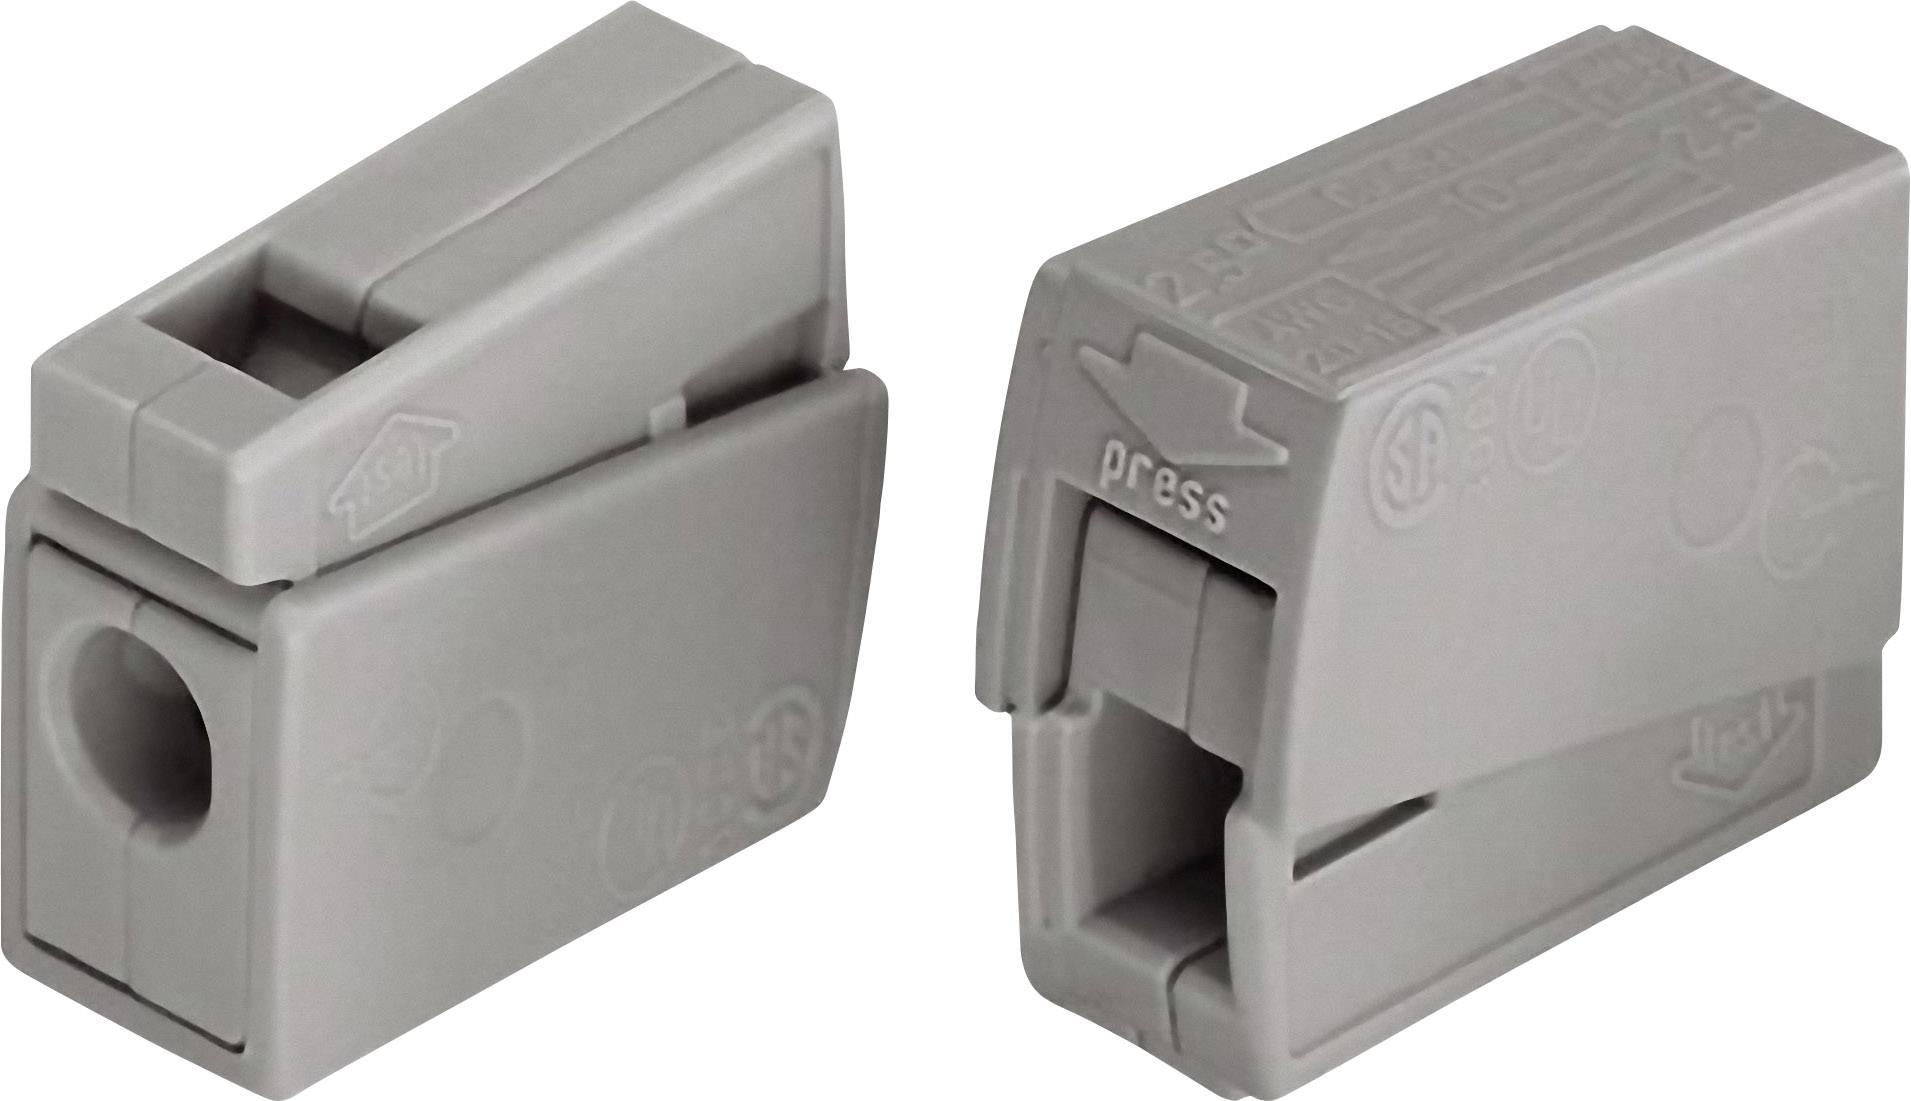 Svietidlové svorky WAGO EUCHTENKLEMME 224-101 na kábel s rozmerom 0.5-2.5 mm², tuhosť 0.5-2.5 mm², počet pinov 2, 1 ks, sivá